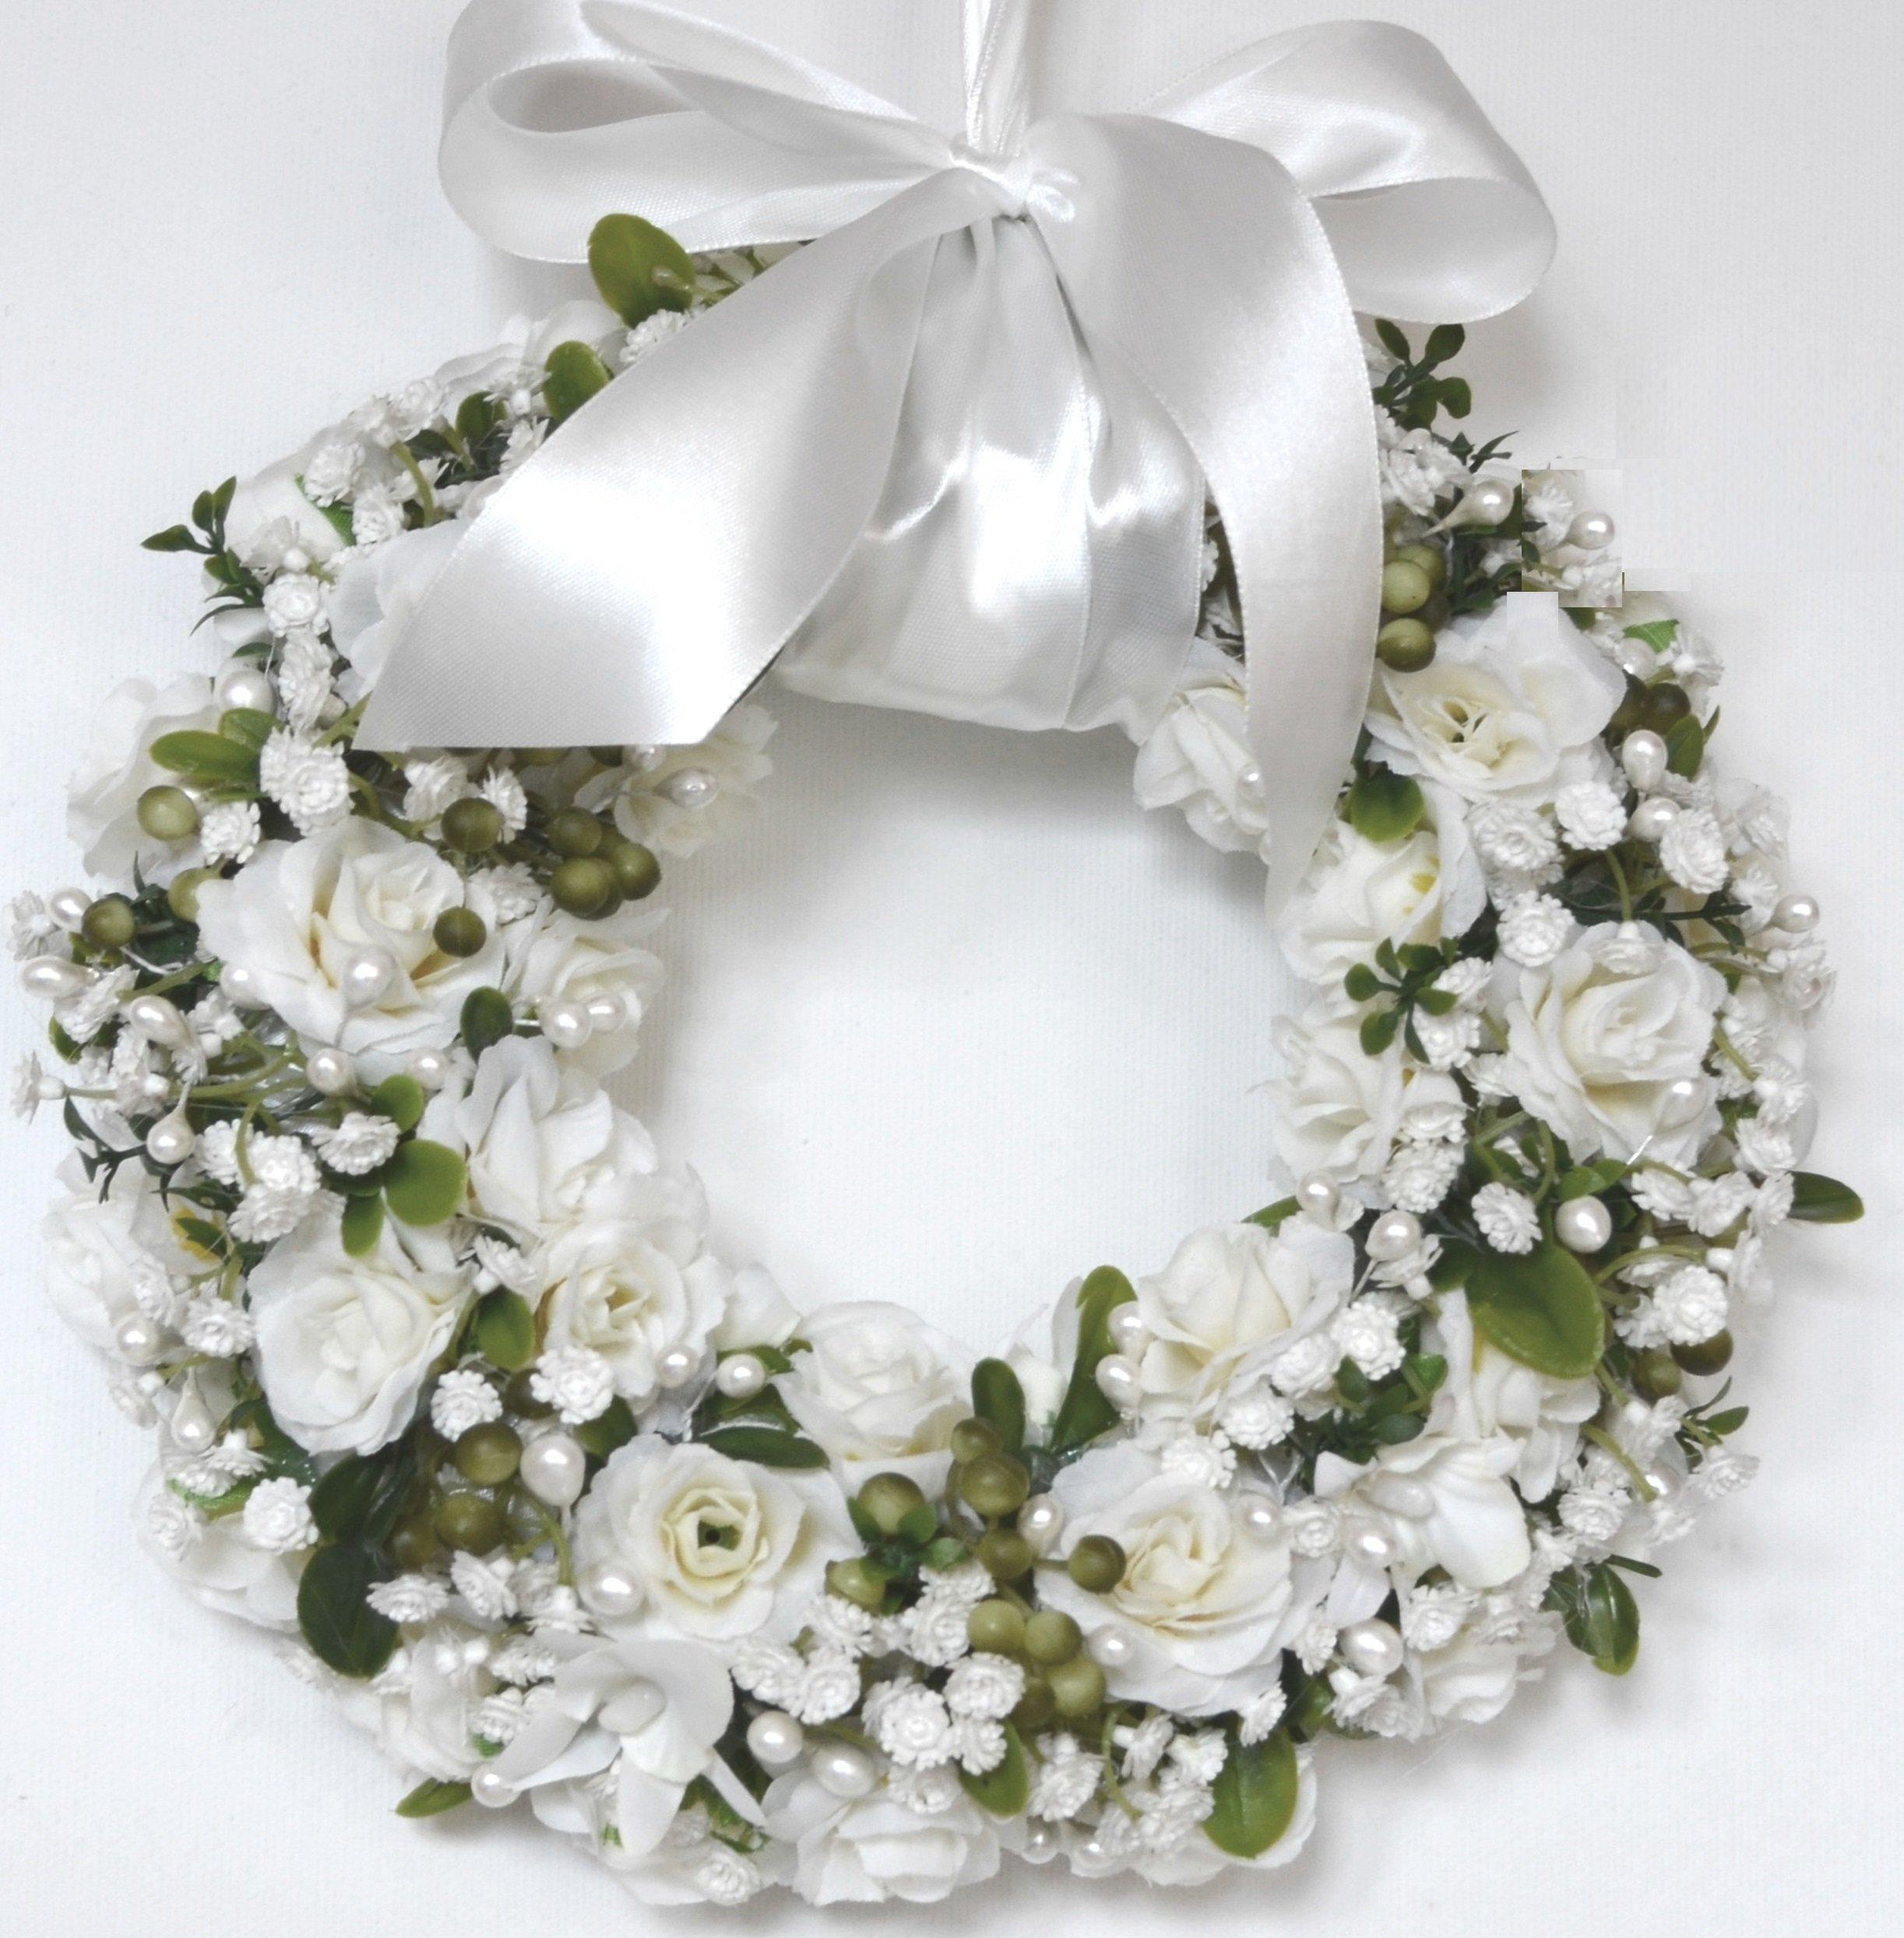 Wianek Na Drzwi Dekoracja Wesele Białe Różyczki 6898944825